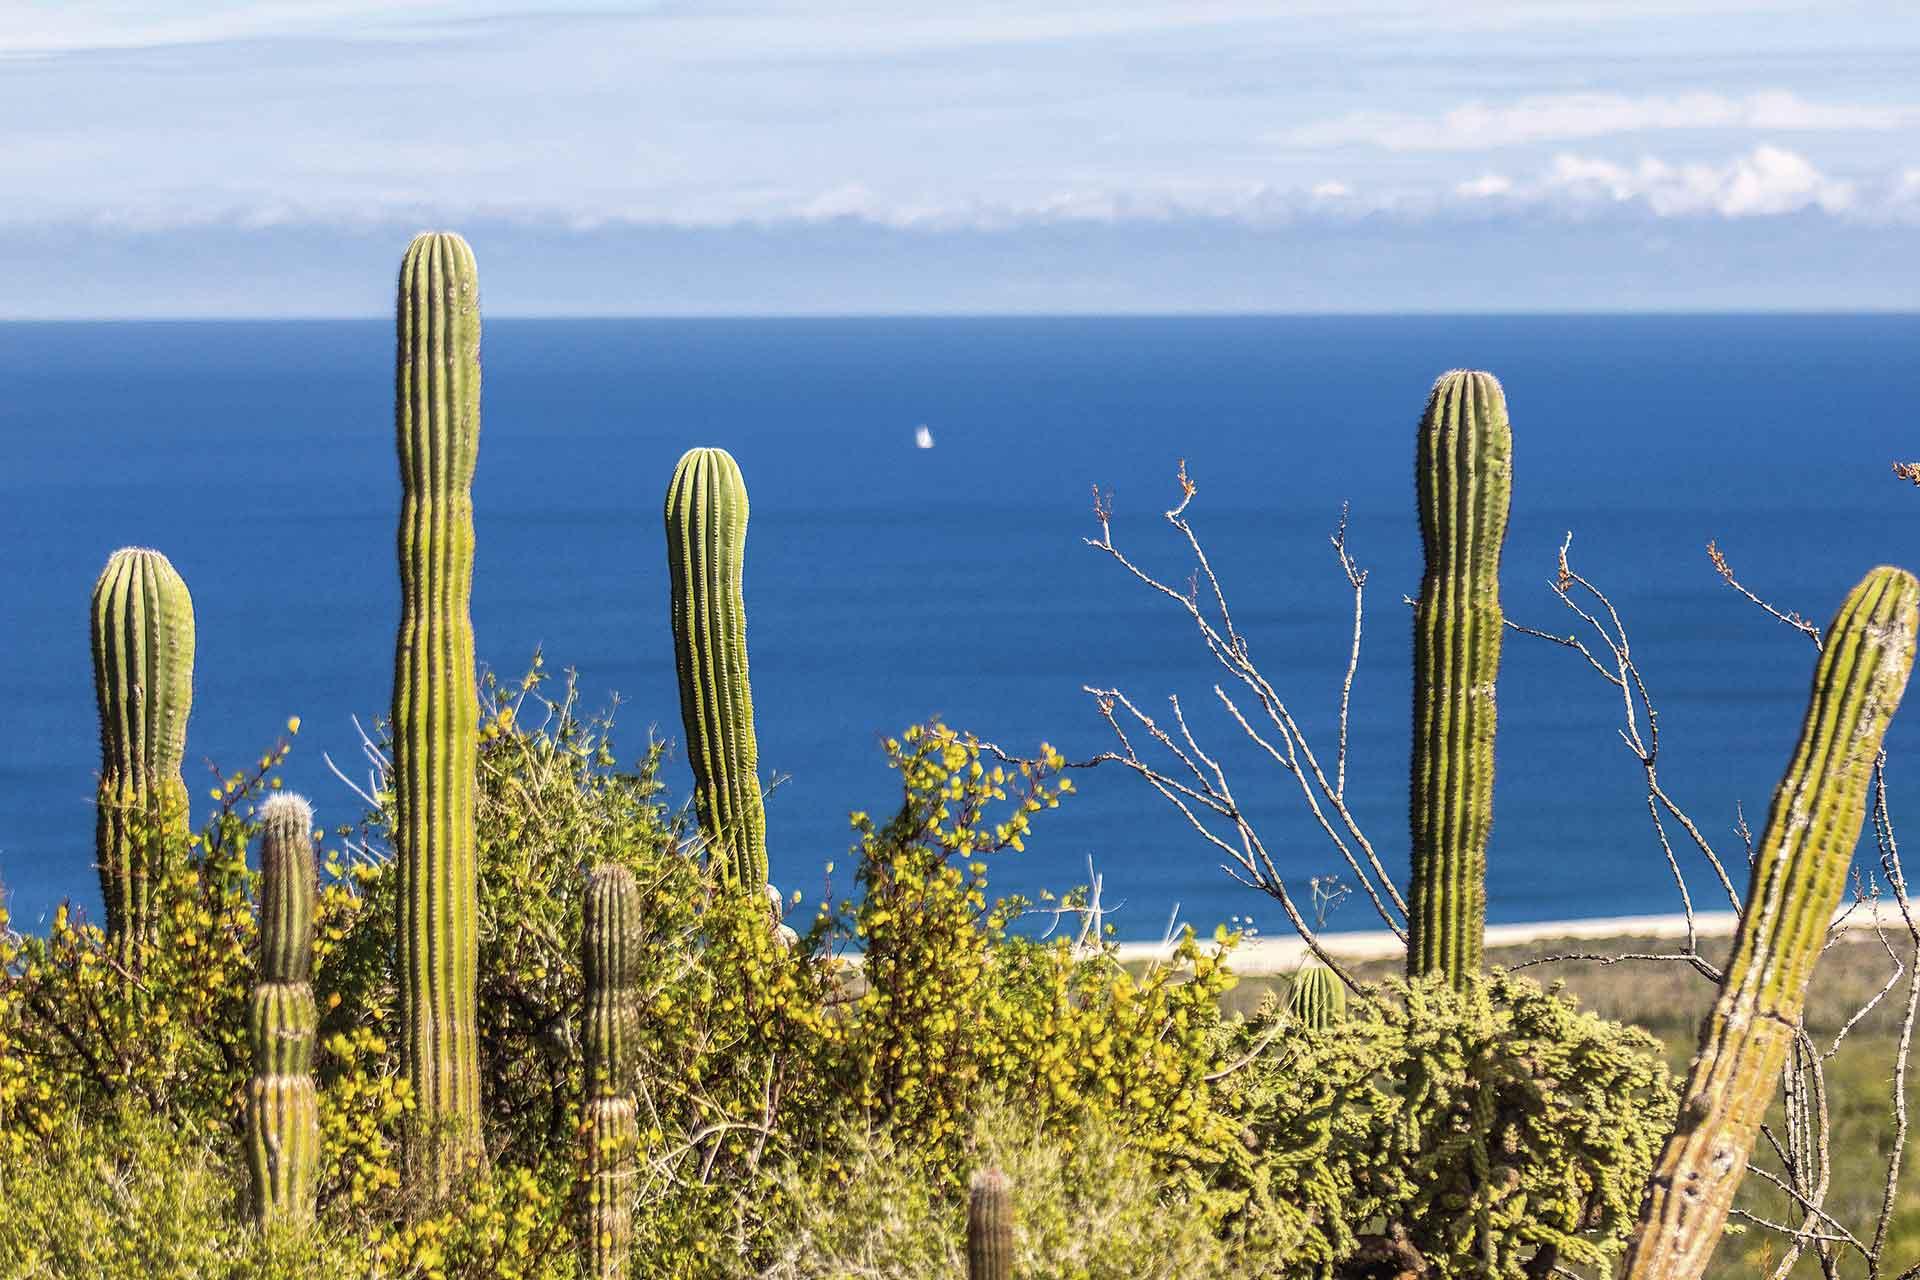 La Paz Baja California